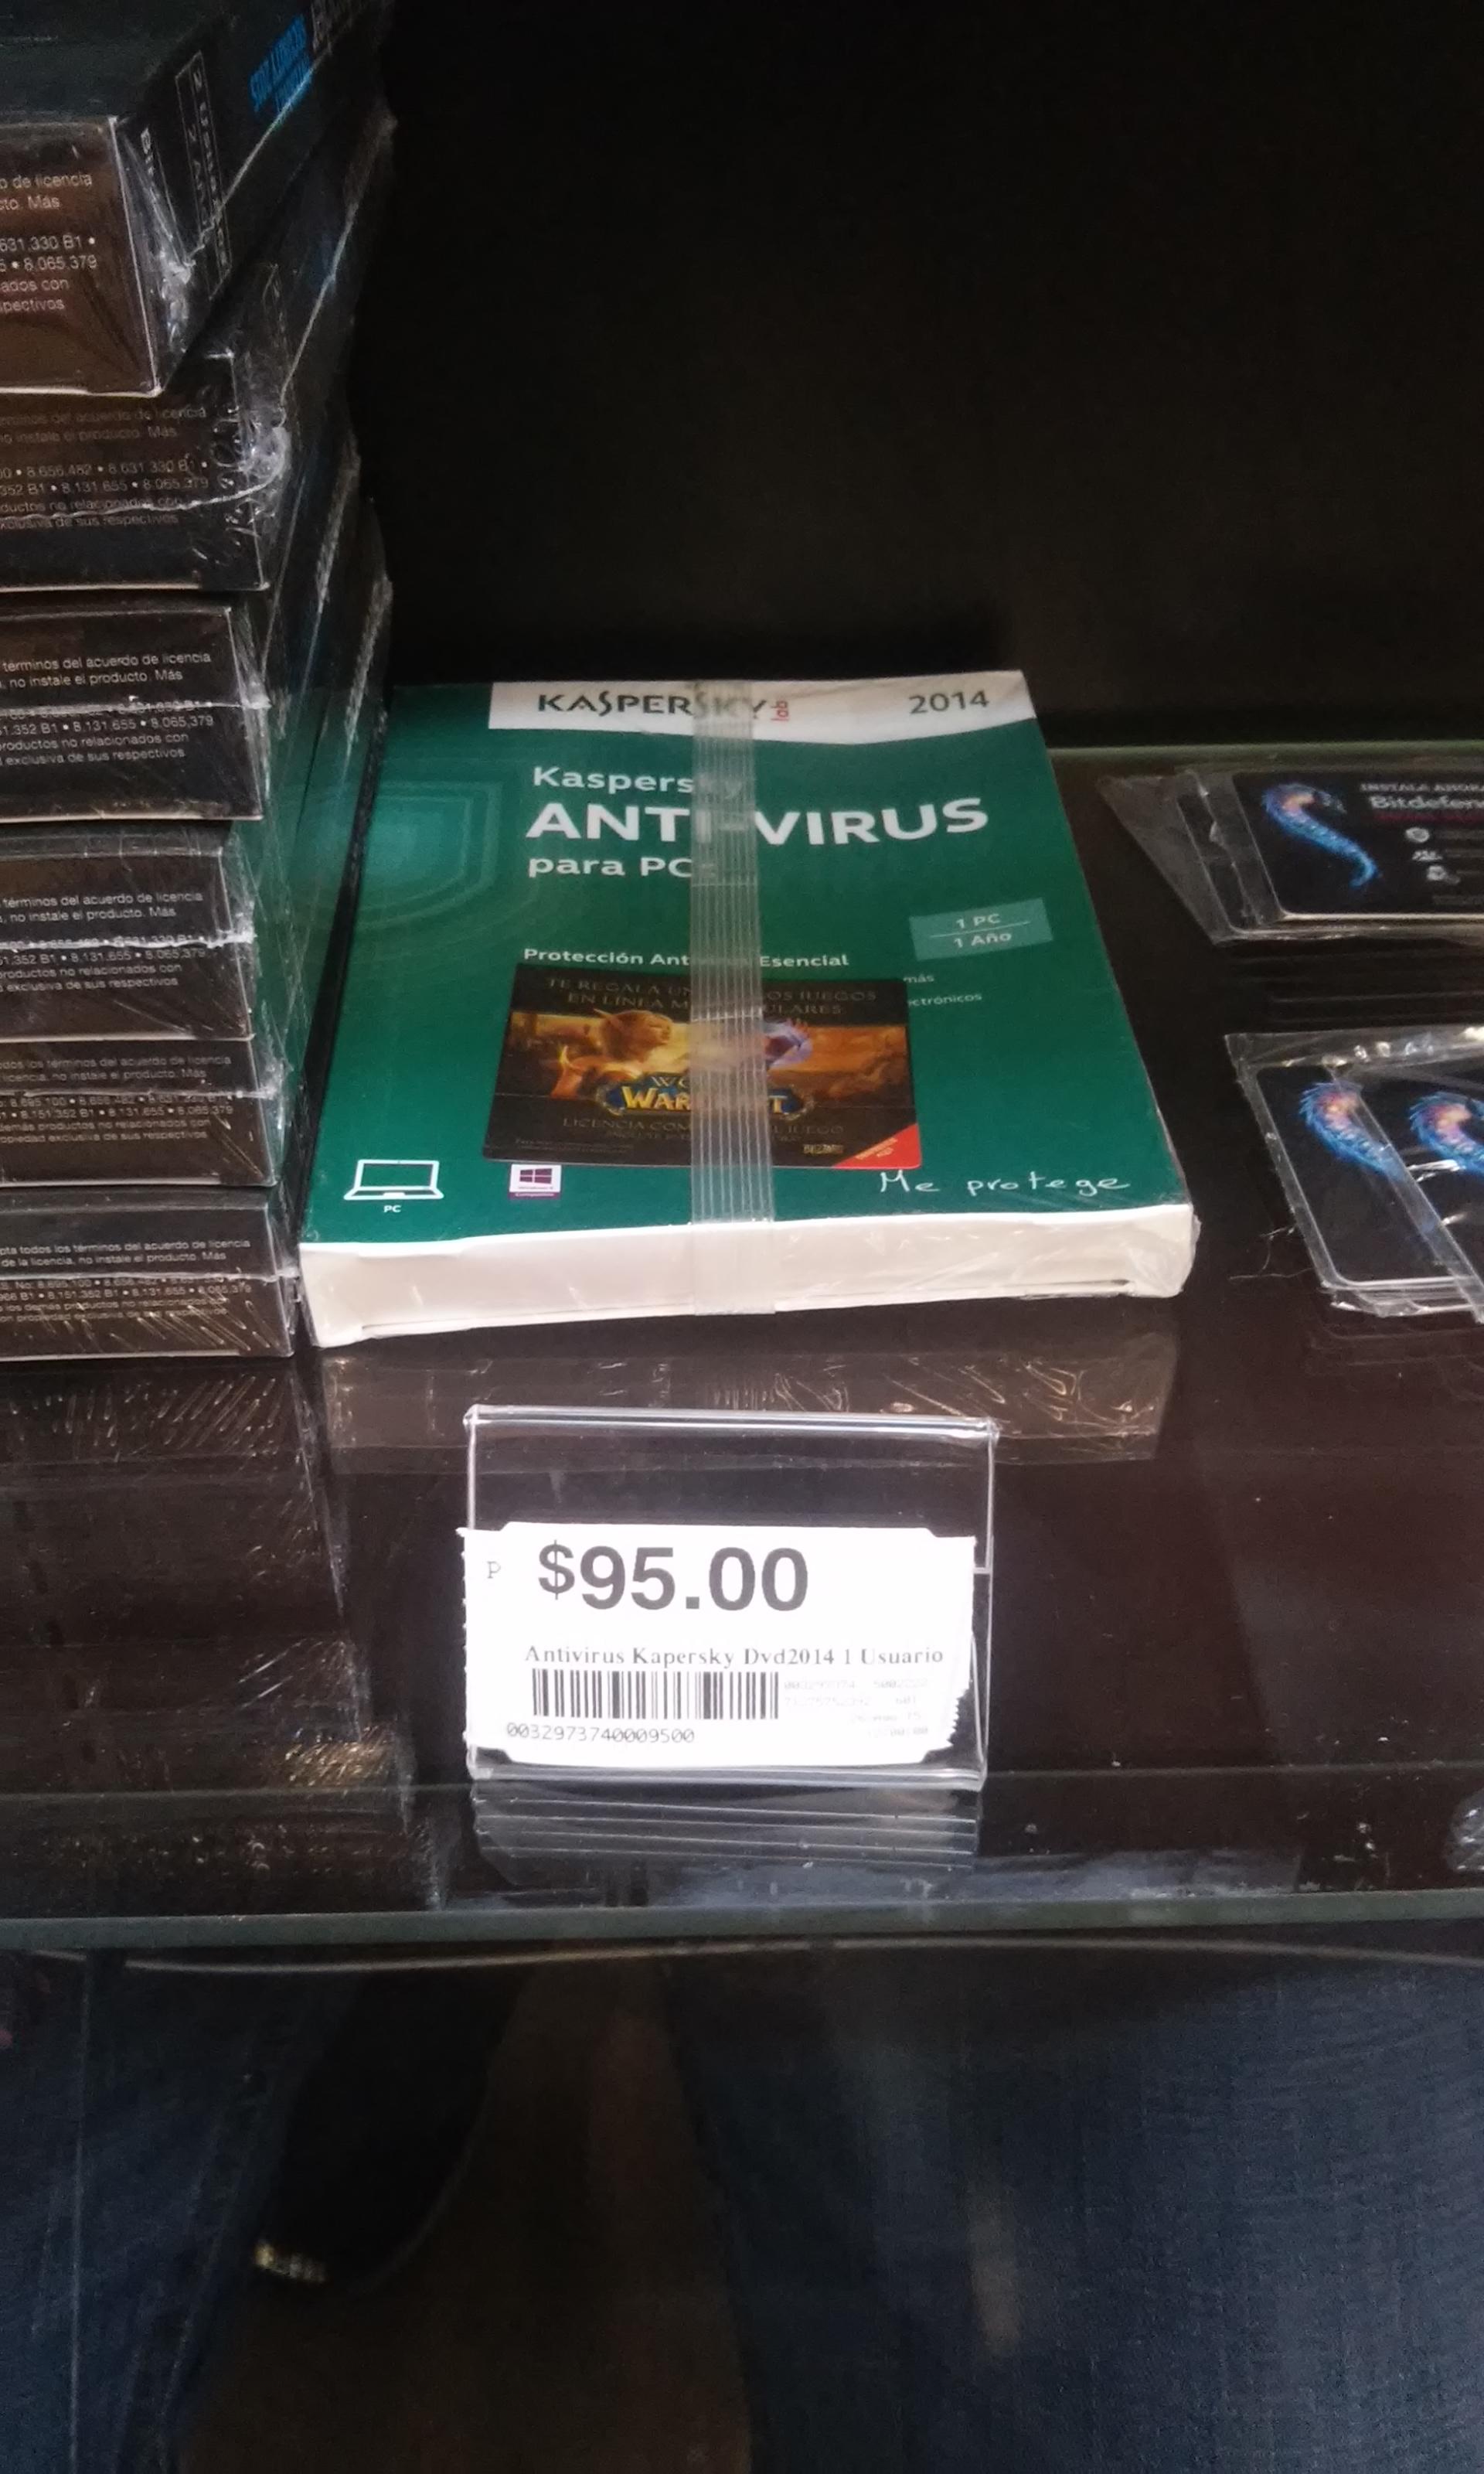 Chedraui: 1 año antivirus Kaspersky + Licencia de juego World Warcraft = $95